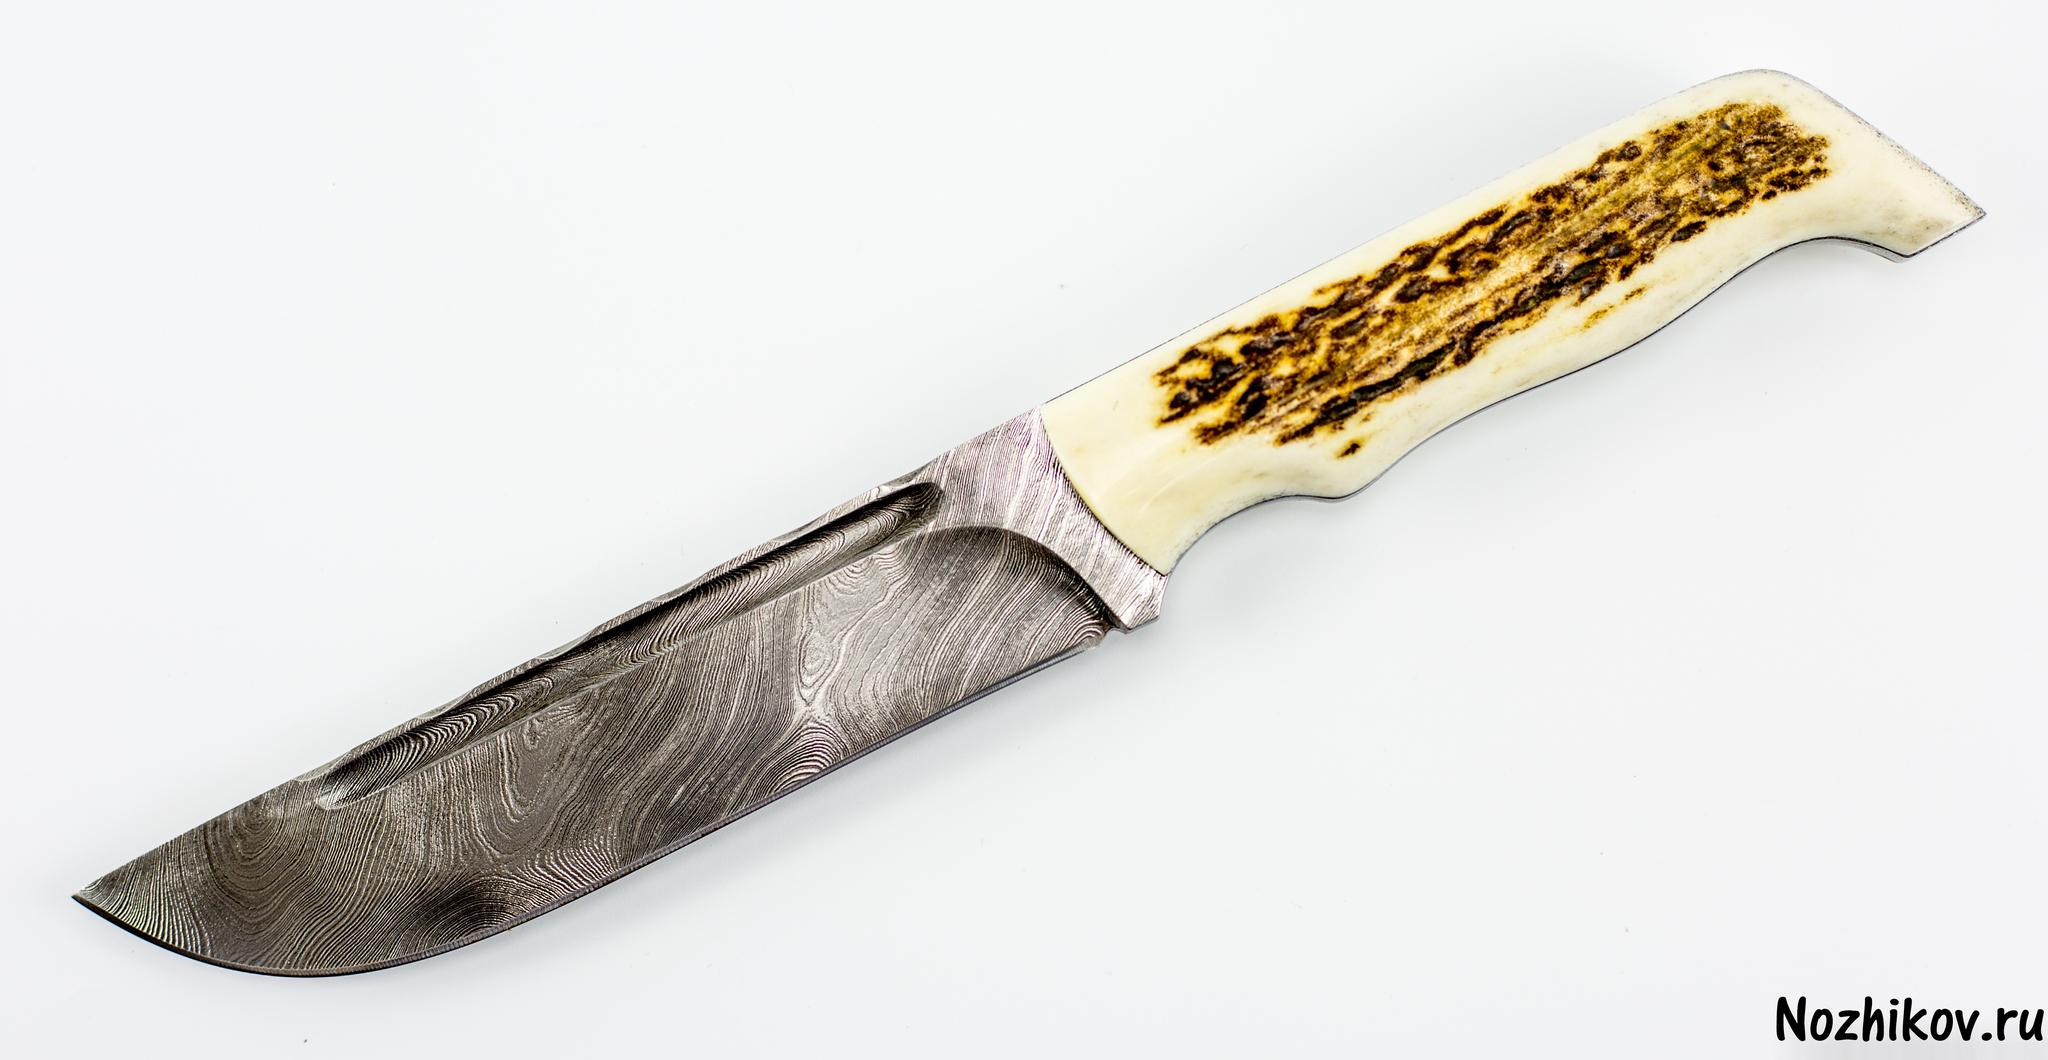 Авторский Нож из Дамаска №13, КизлярНожи Кизляр<br><br>